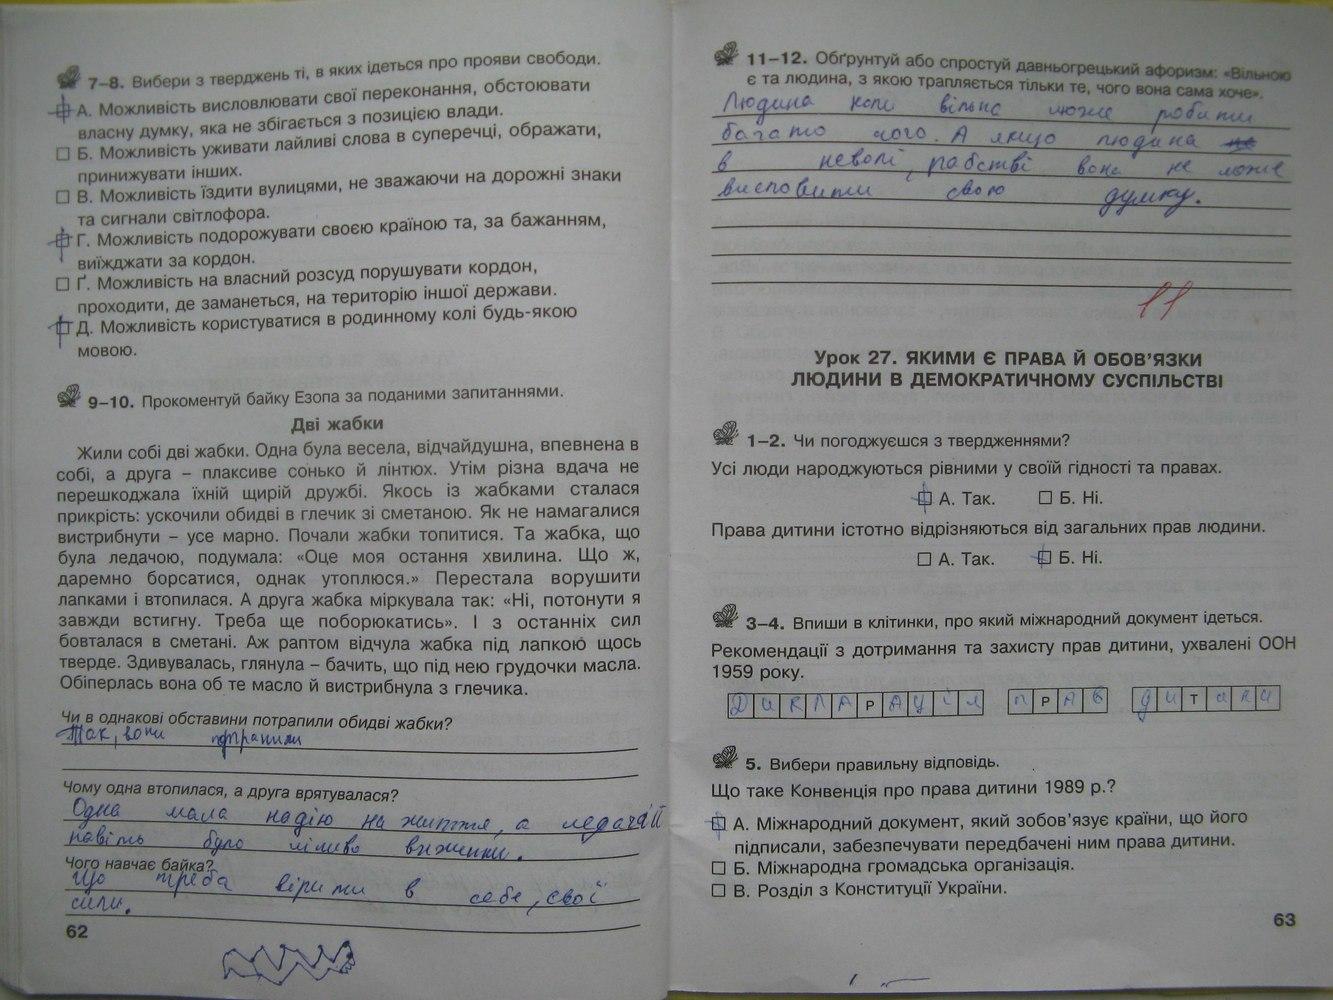 Гдз зошит етика оксана 6 клас онлайн данилевська